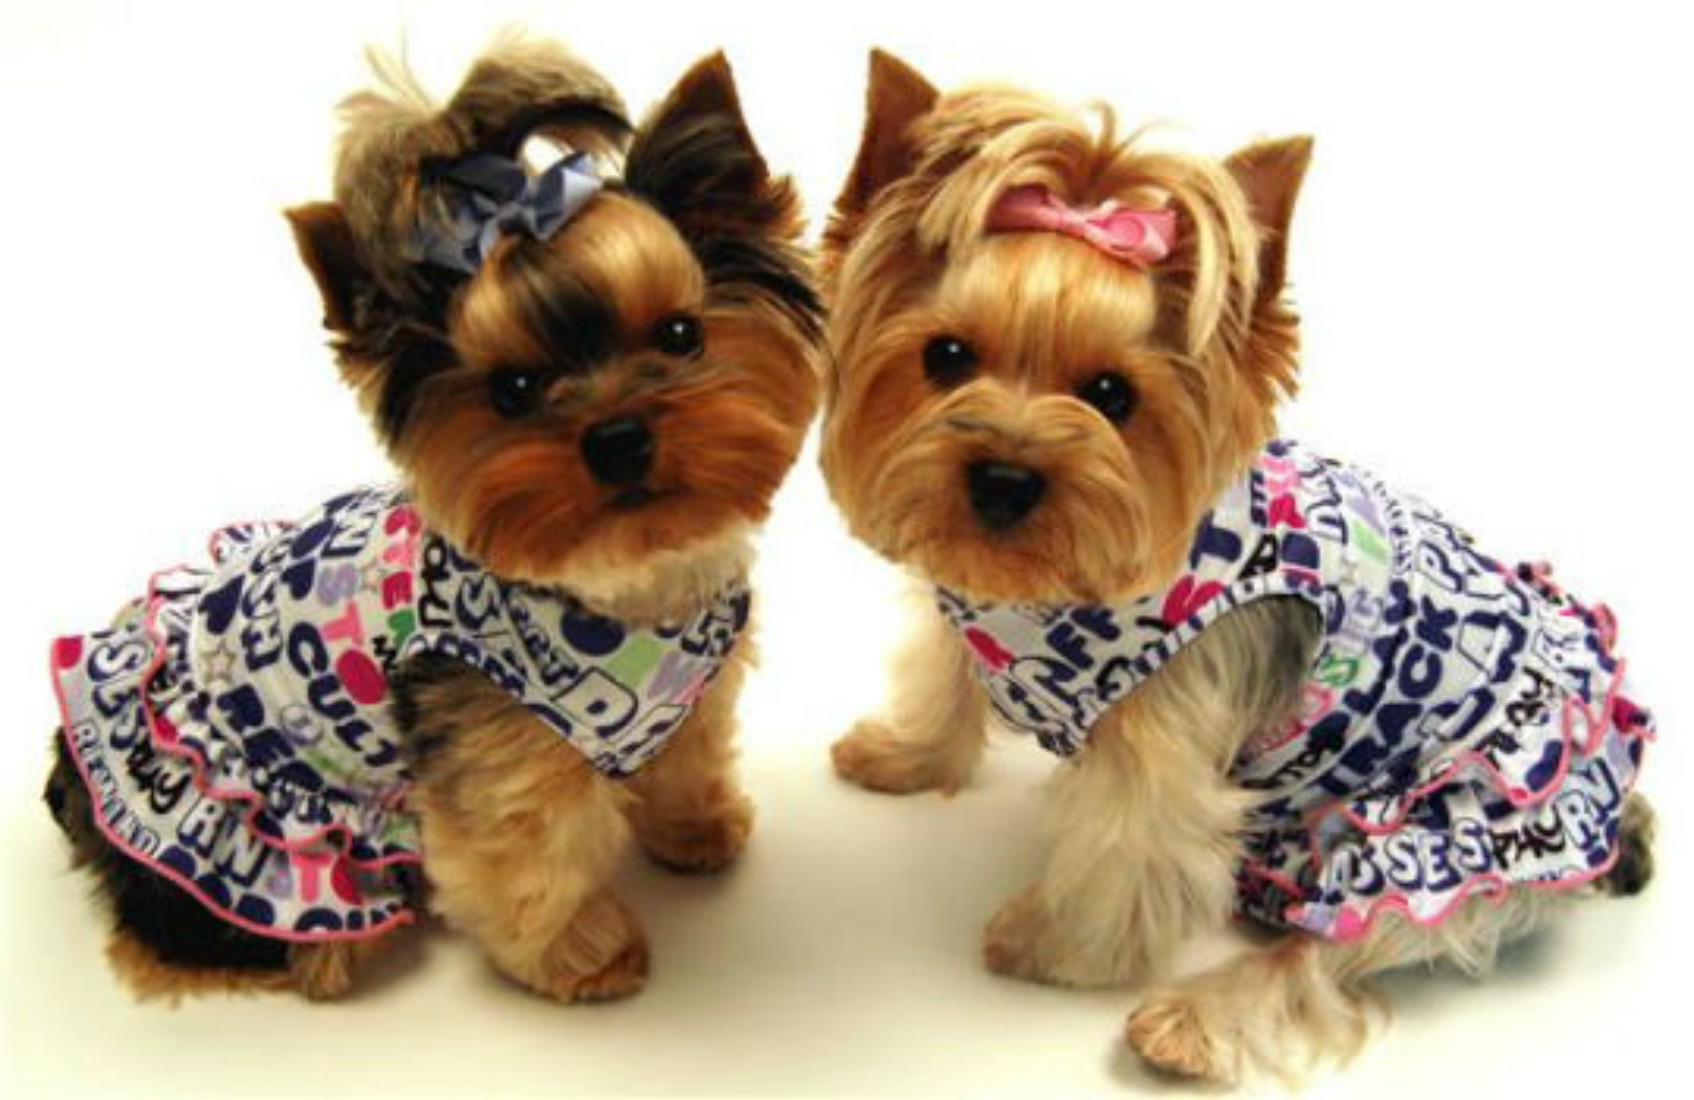 Je oblačenje psov preseglo meje zdravega razuma?